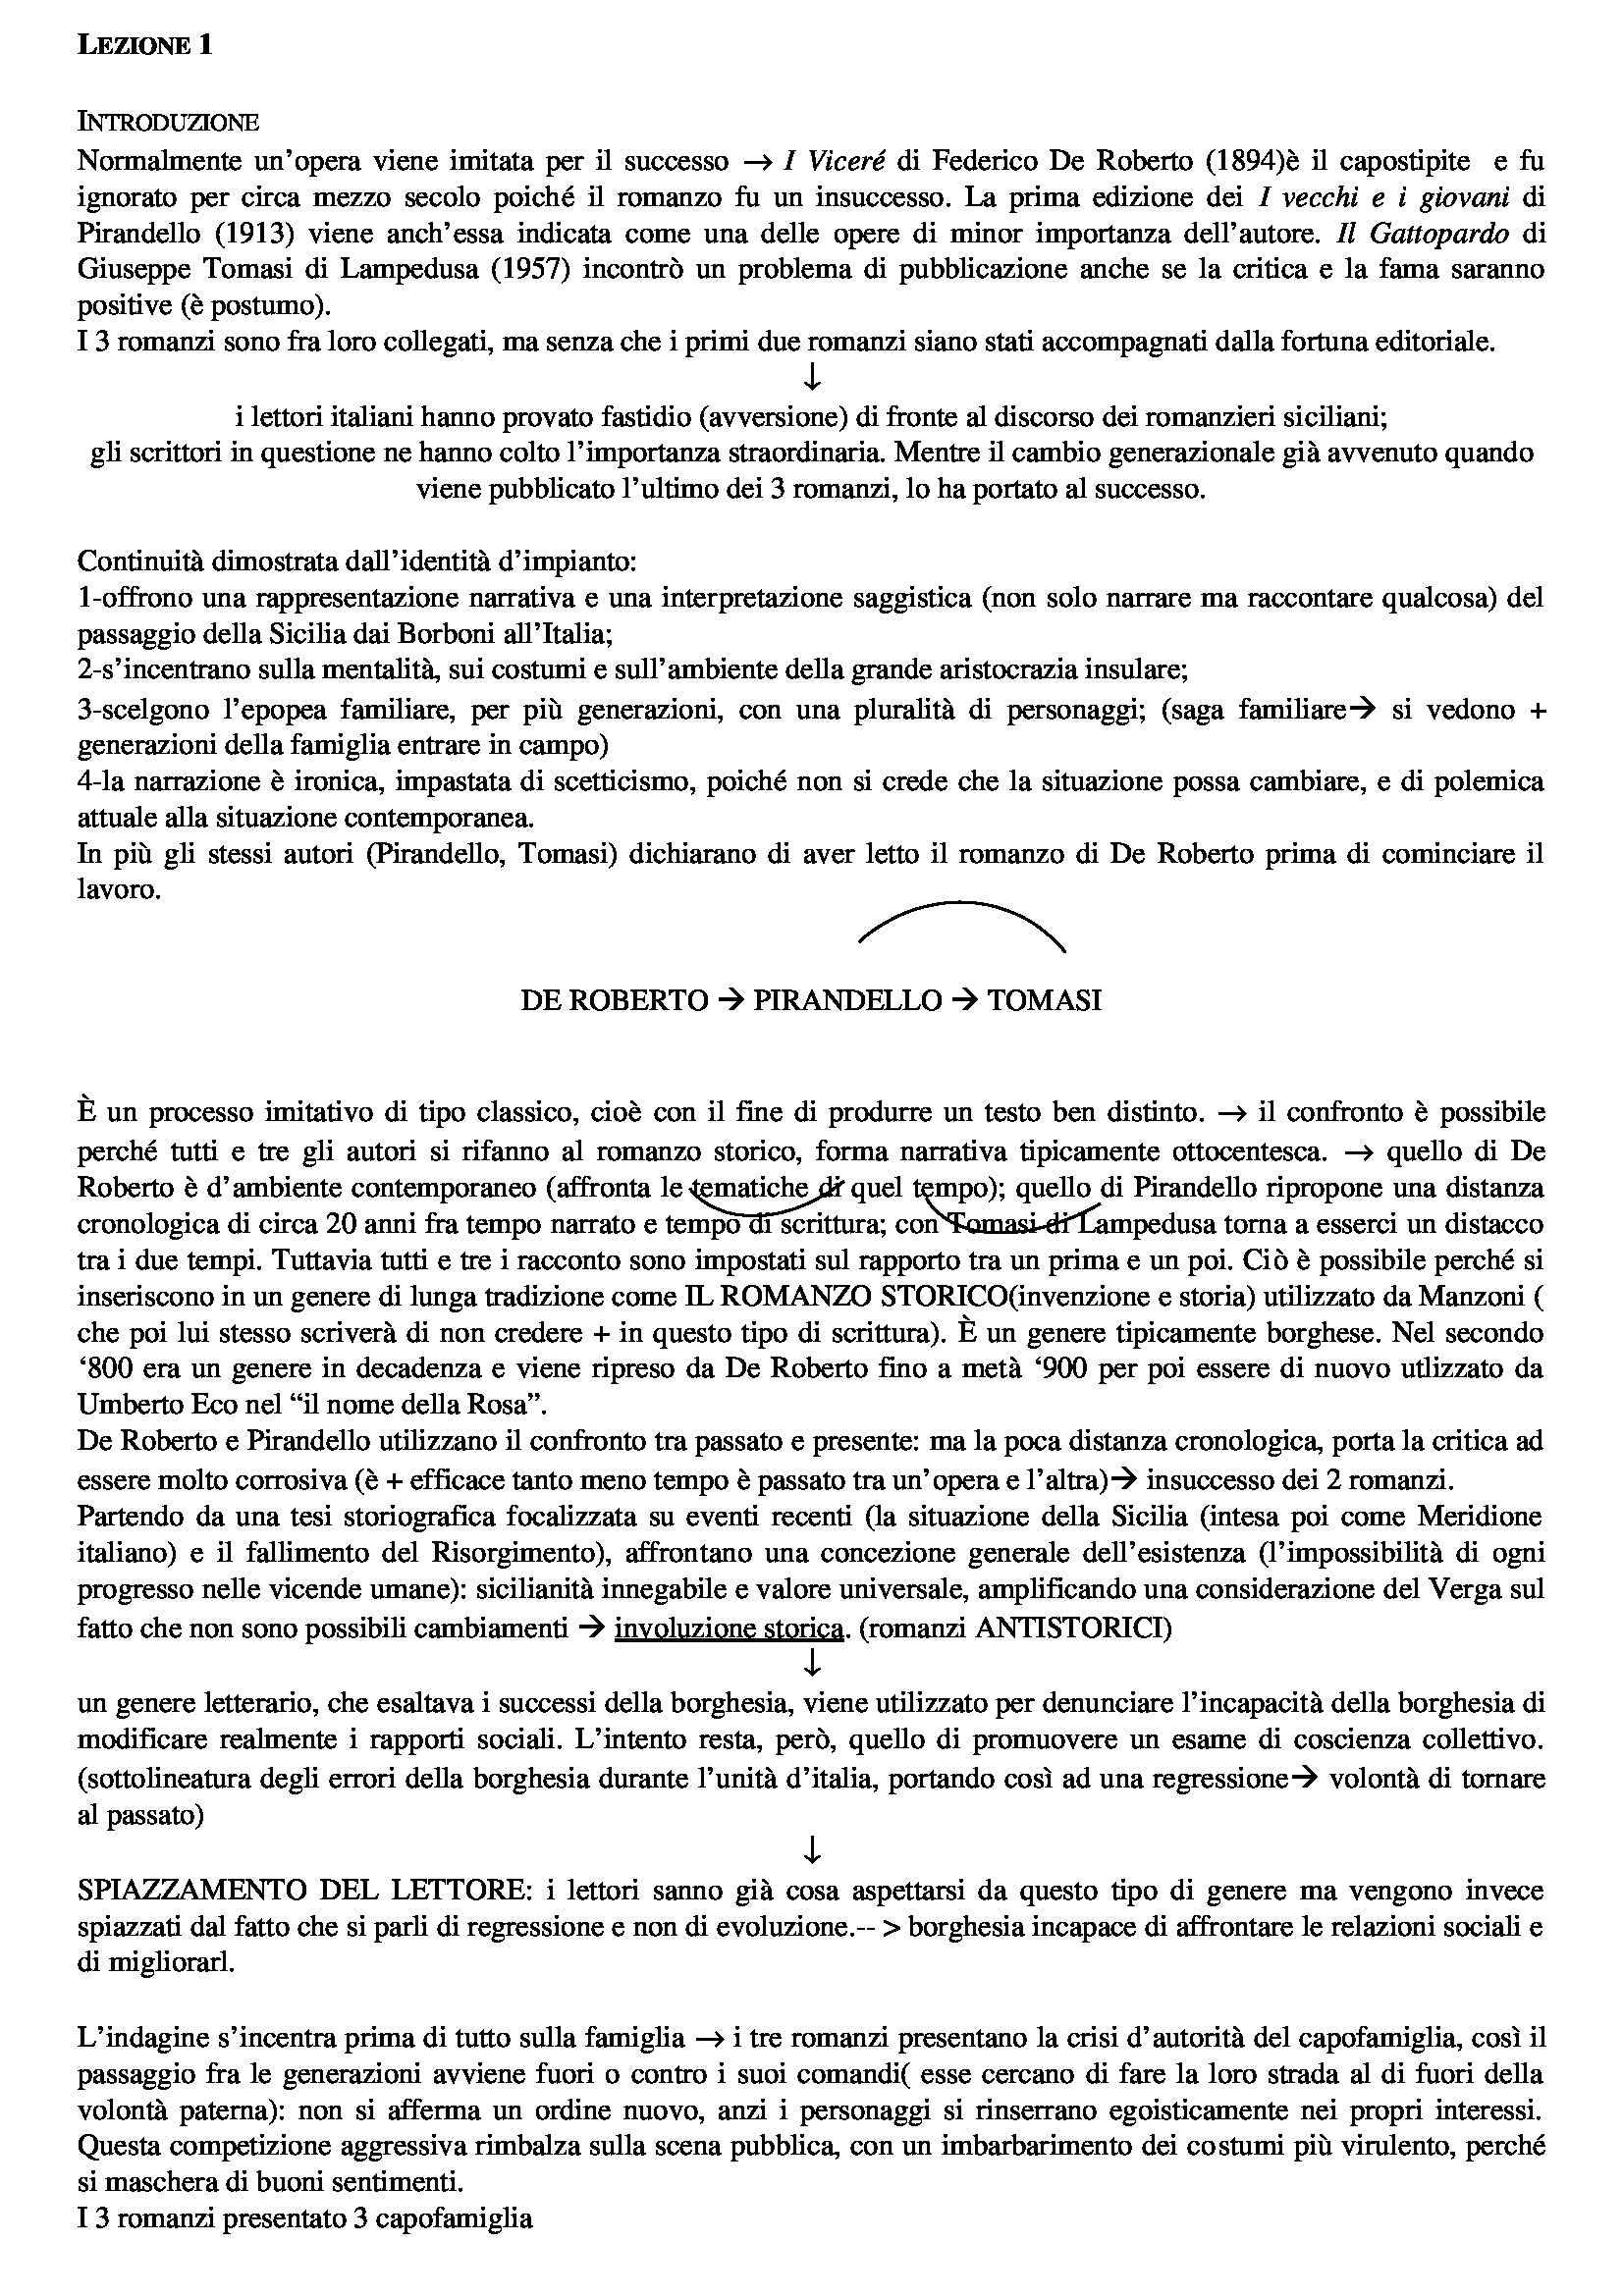 Letteratura italiana - De Roberto, Pirandello e Tommasi da Lampedusa